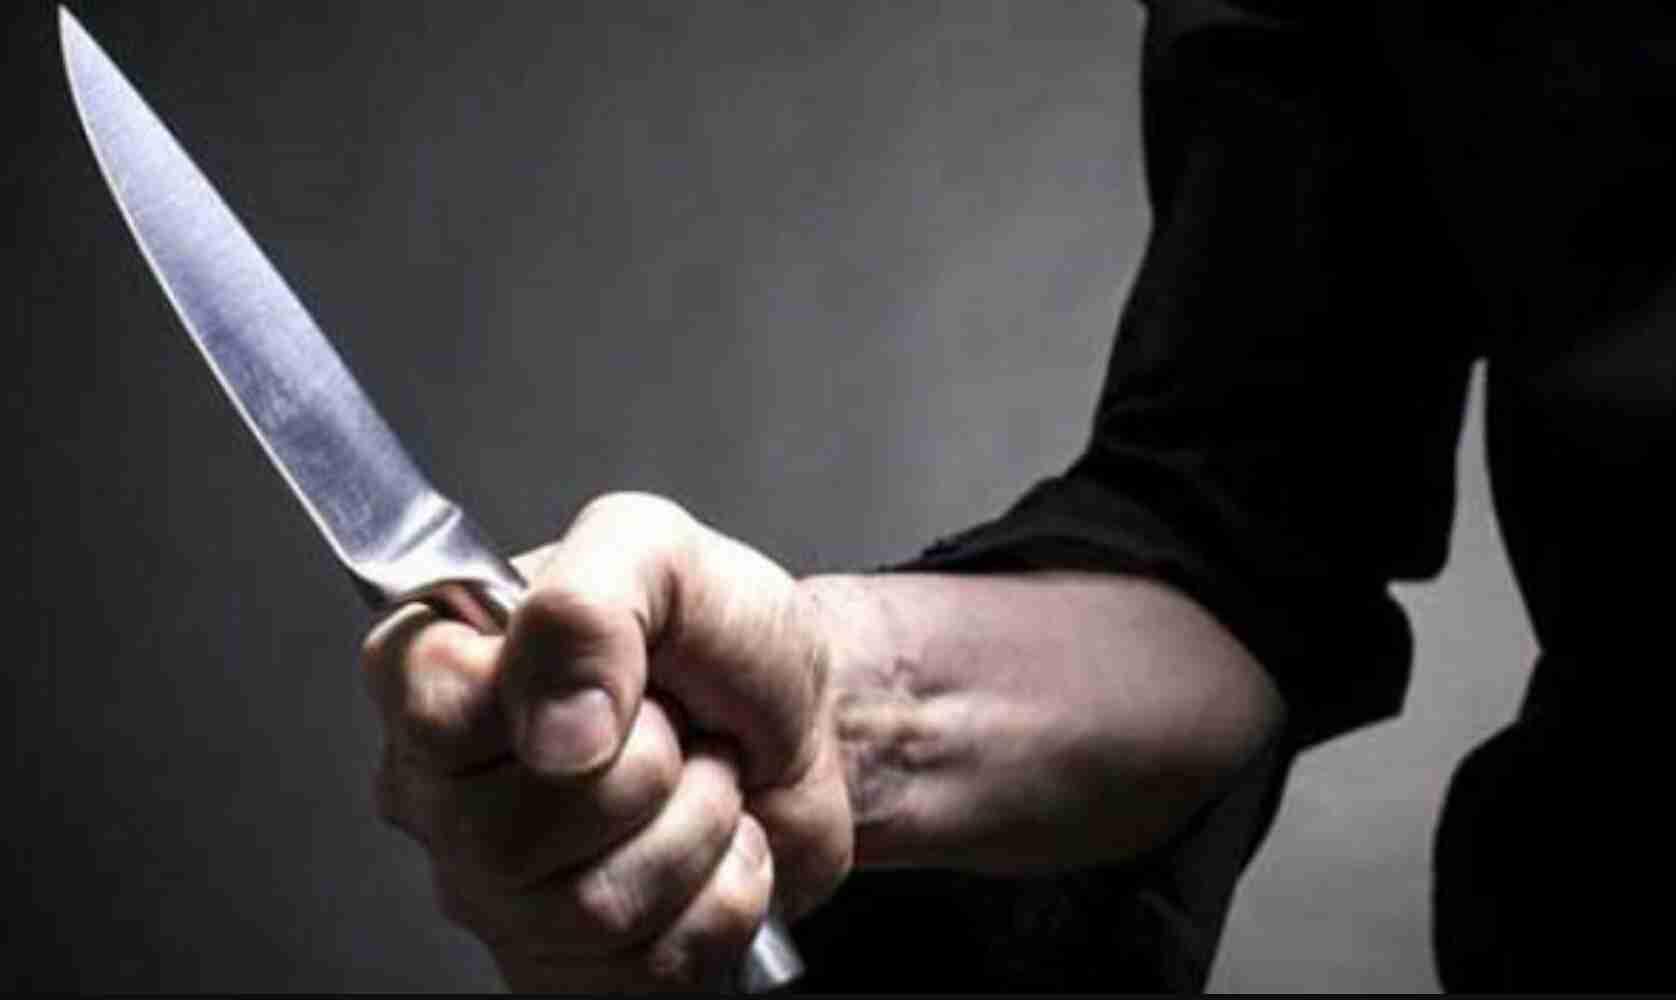 Minaccia la moglie con un coltello, denunciato dai Carabinieri